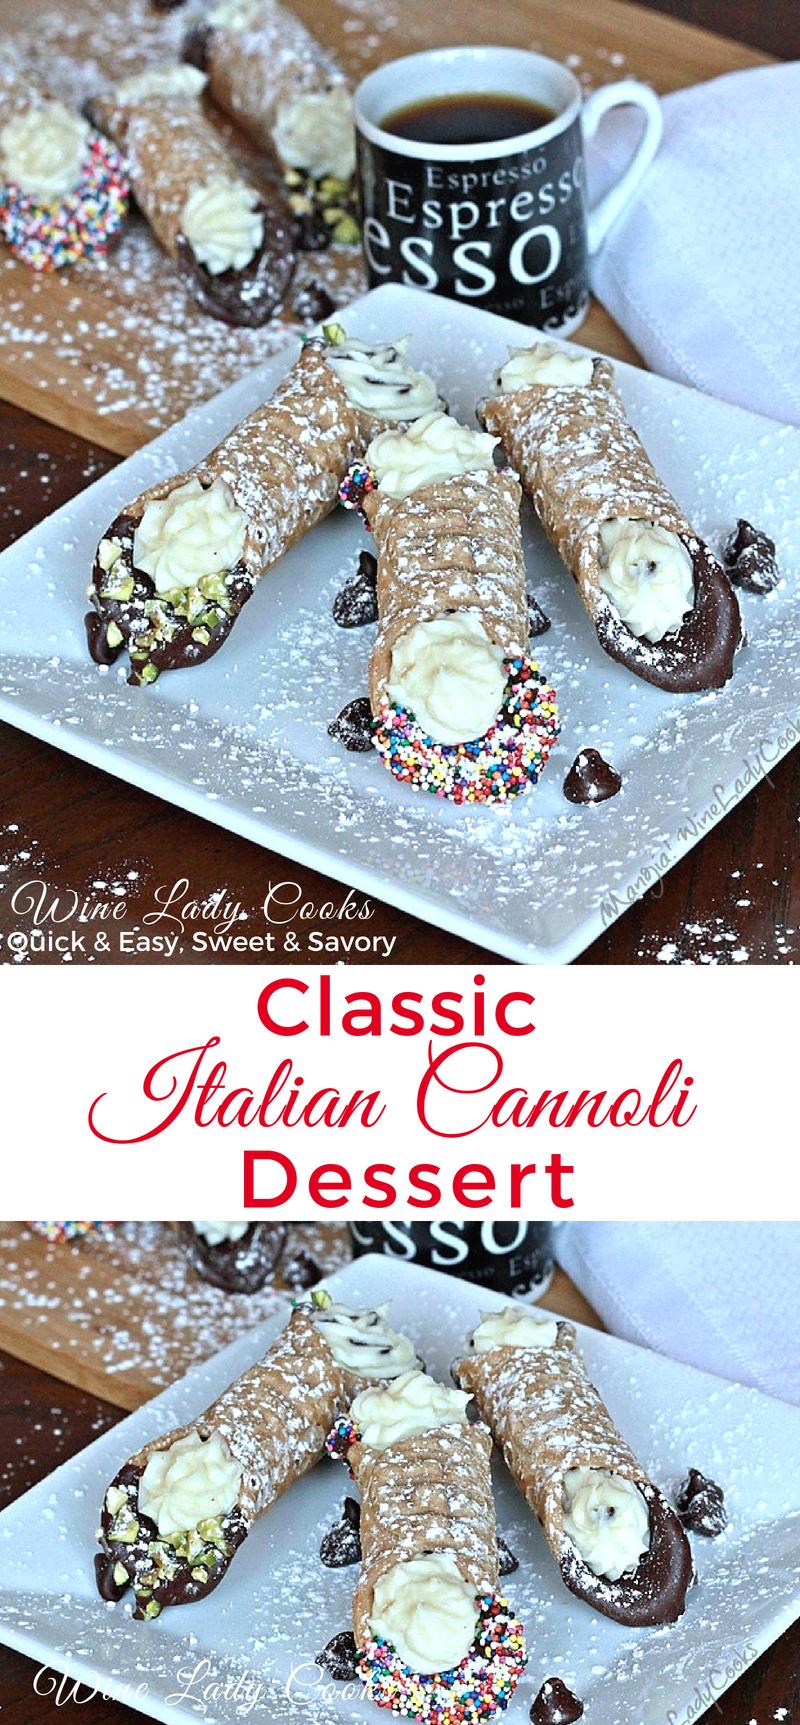 Classic Italian Cannoli Pastry Dessert Recipe